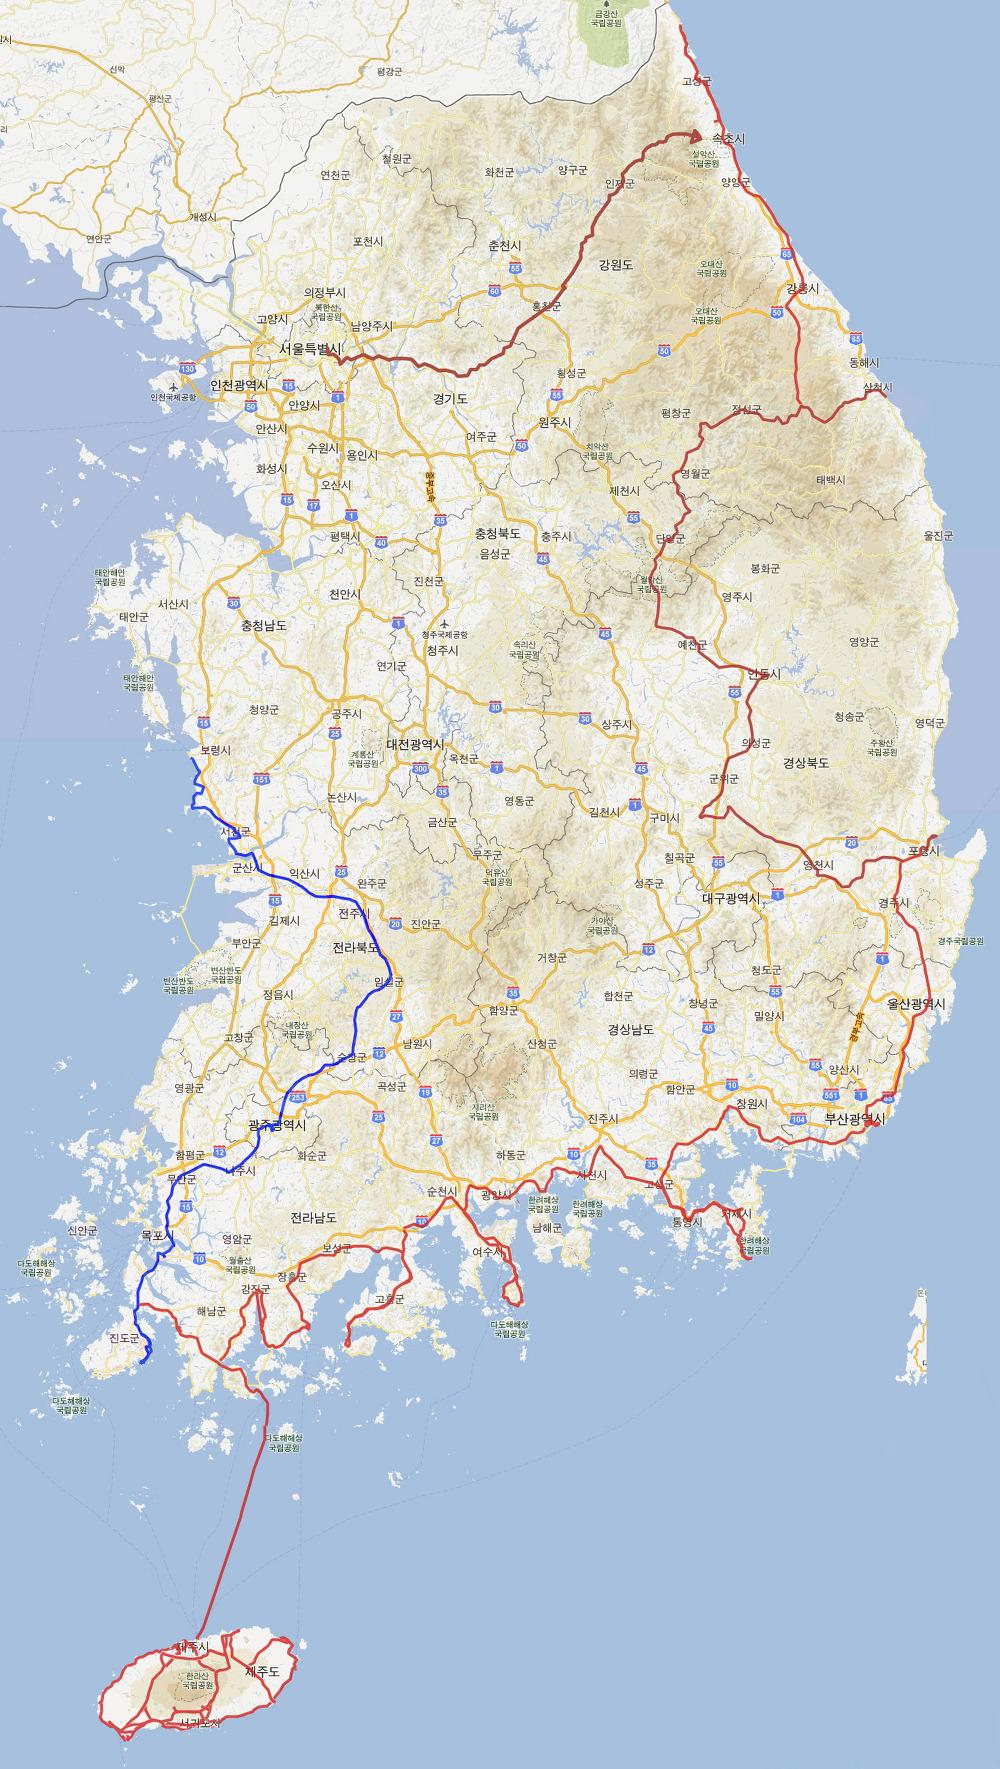 바이크로 달리자 - 16~17일차 :: 여행의 끝 : 244B9740527A8050037907